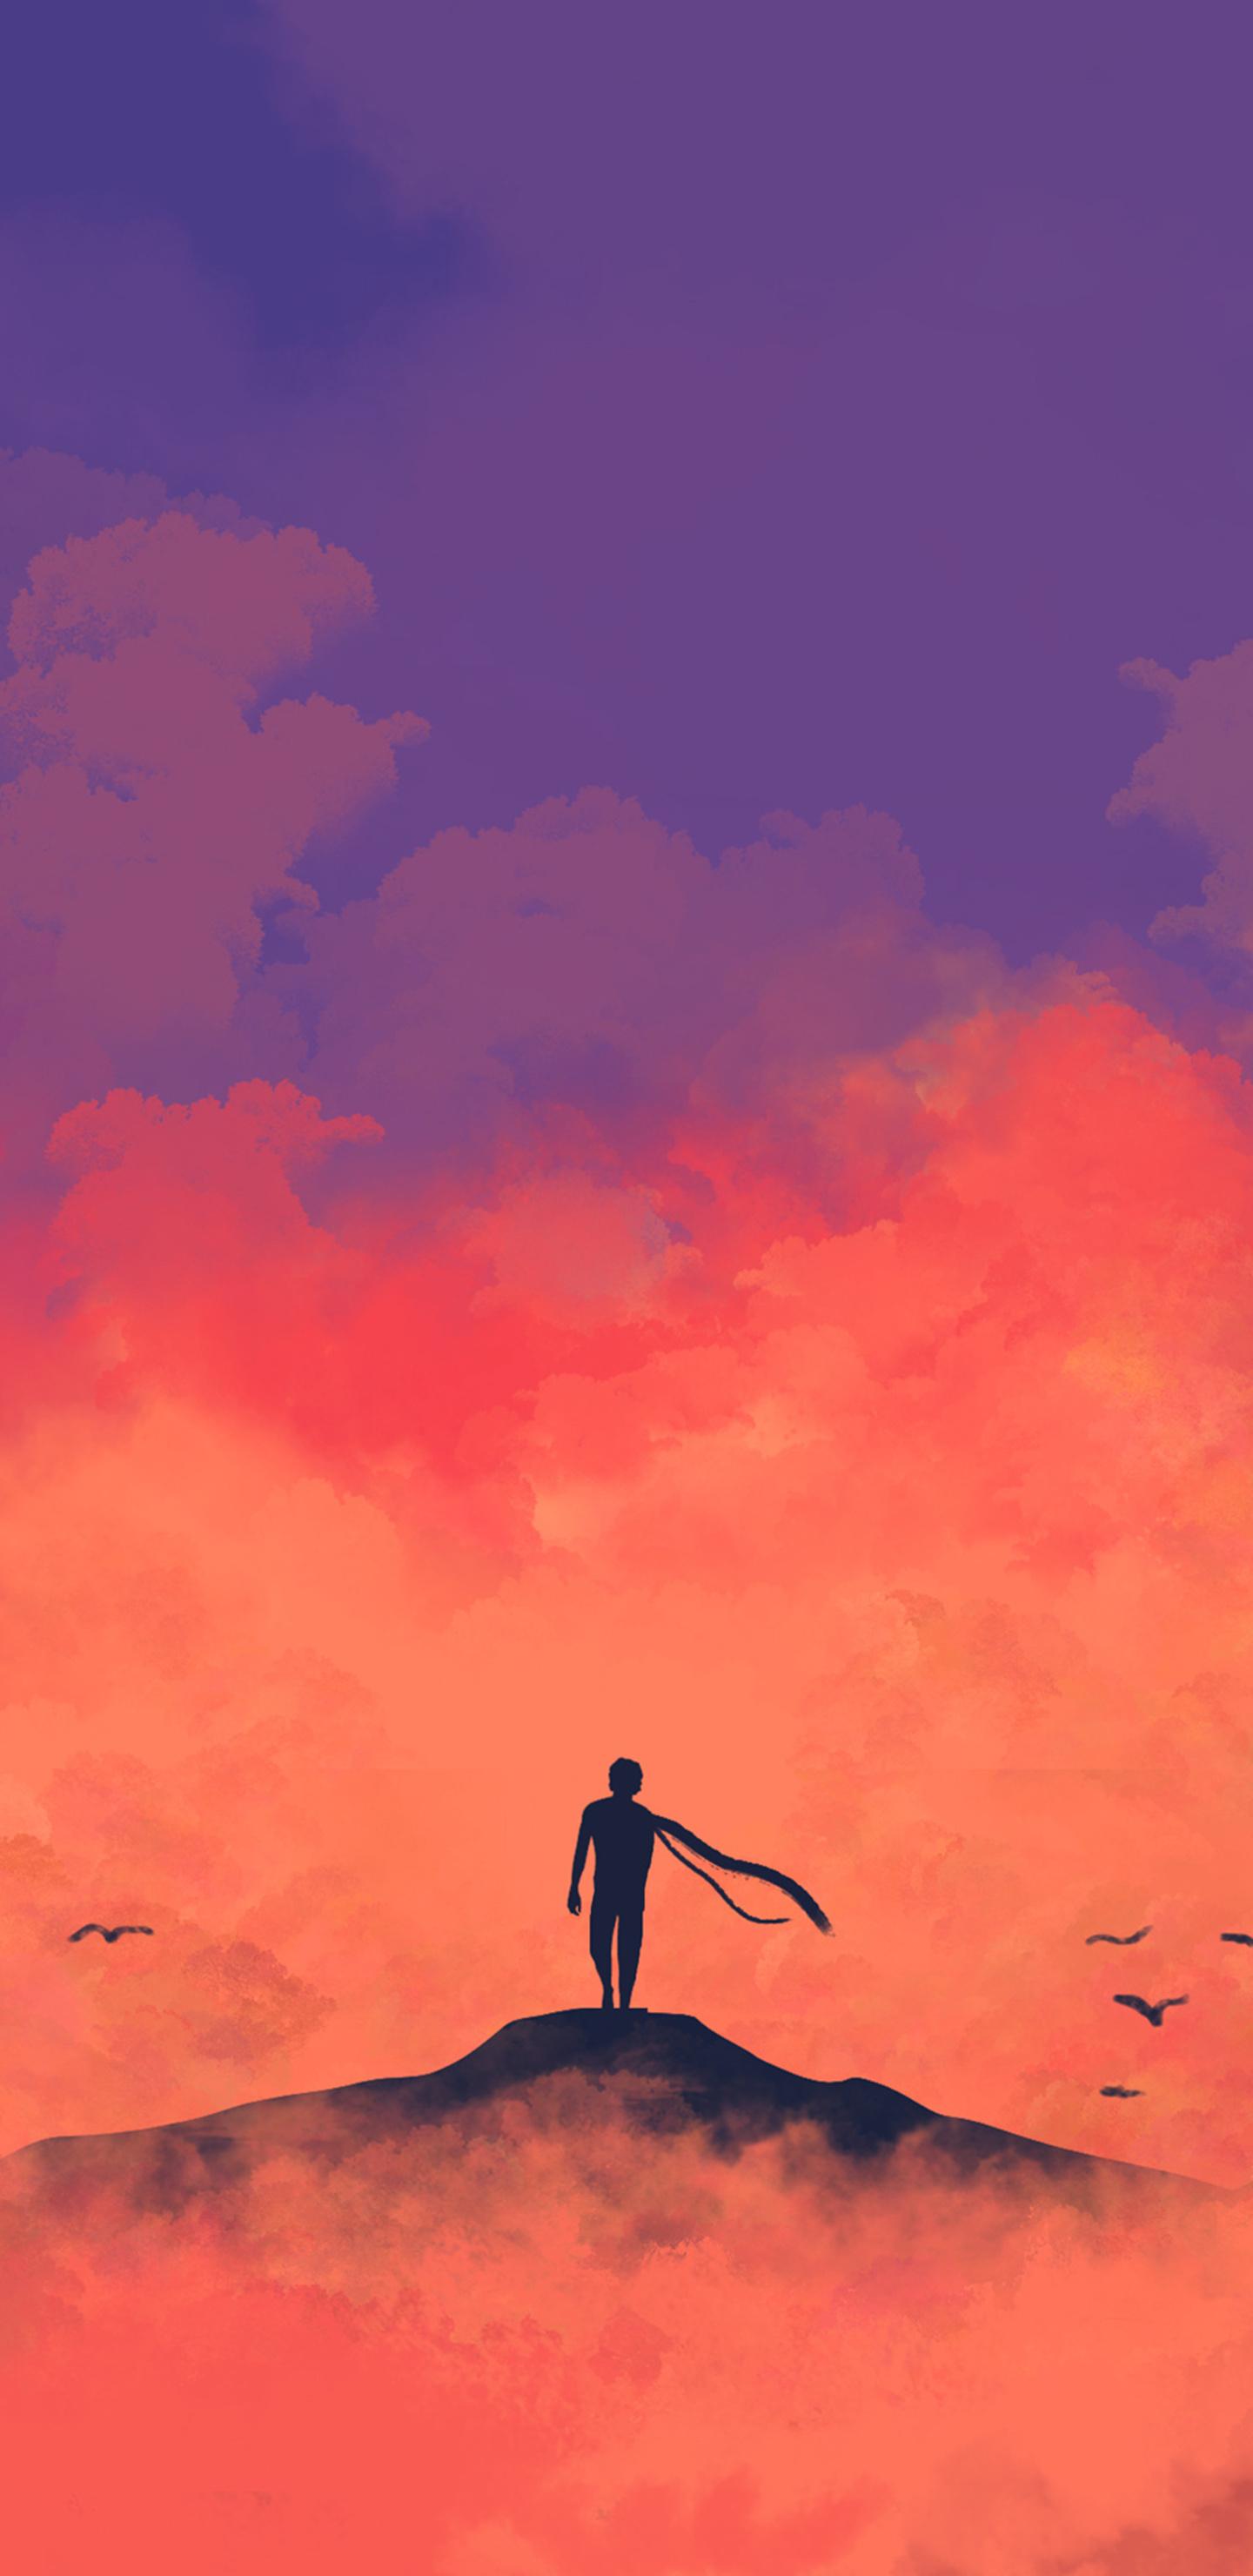 Download 7000+ Wallpaper 4k Anime S8  Terbaru